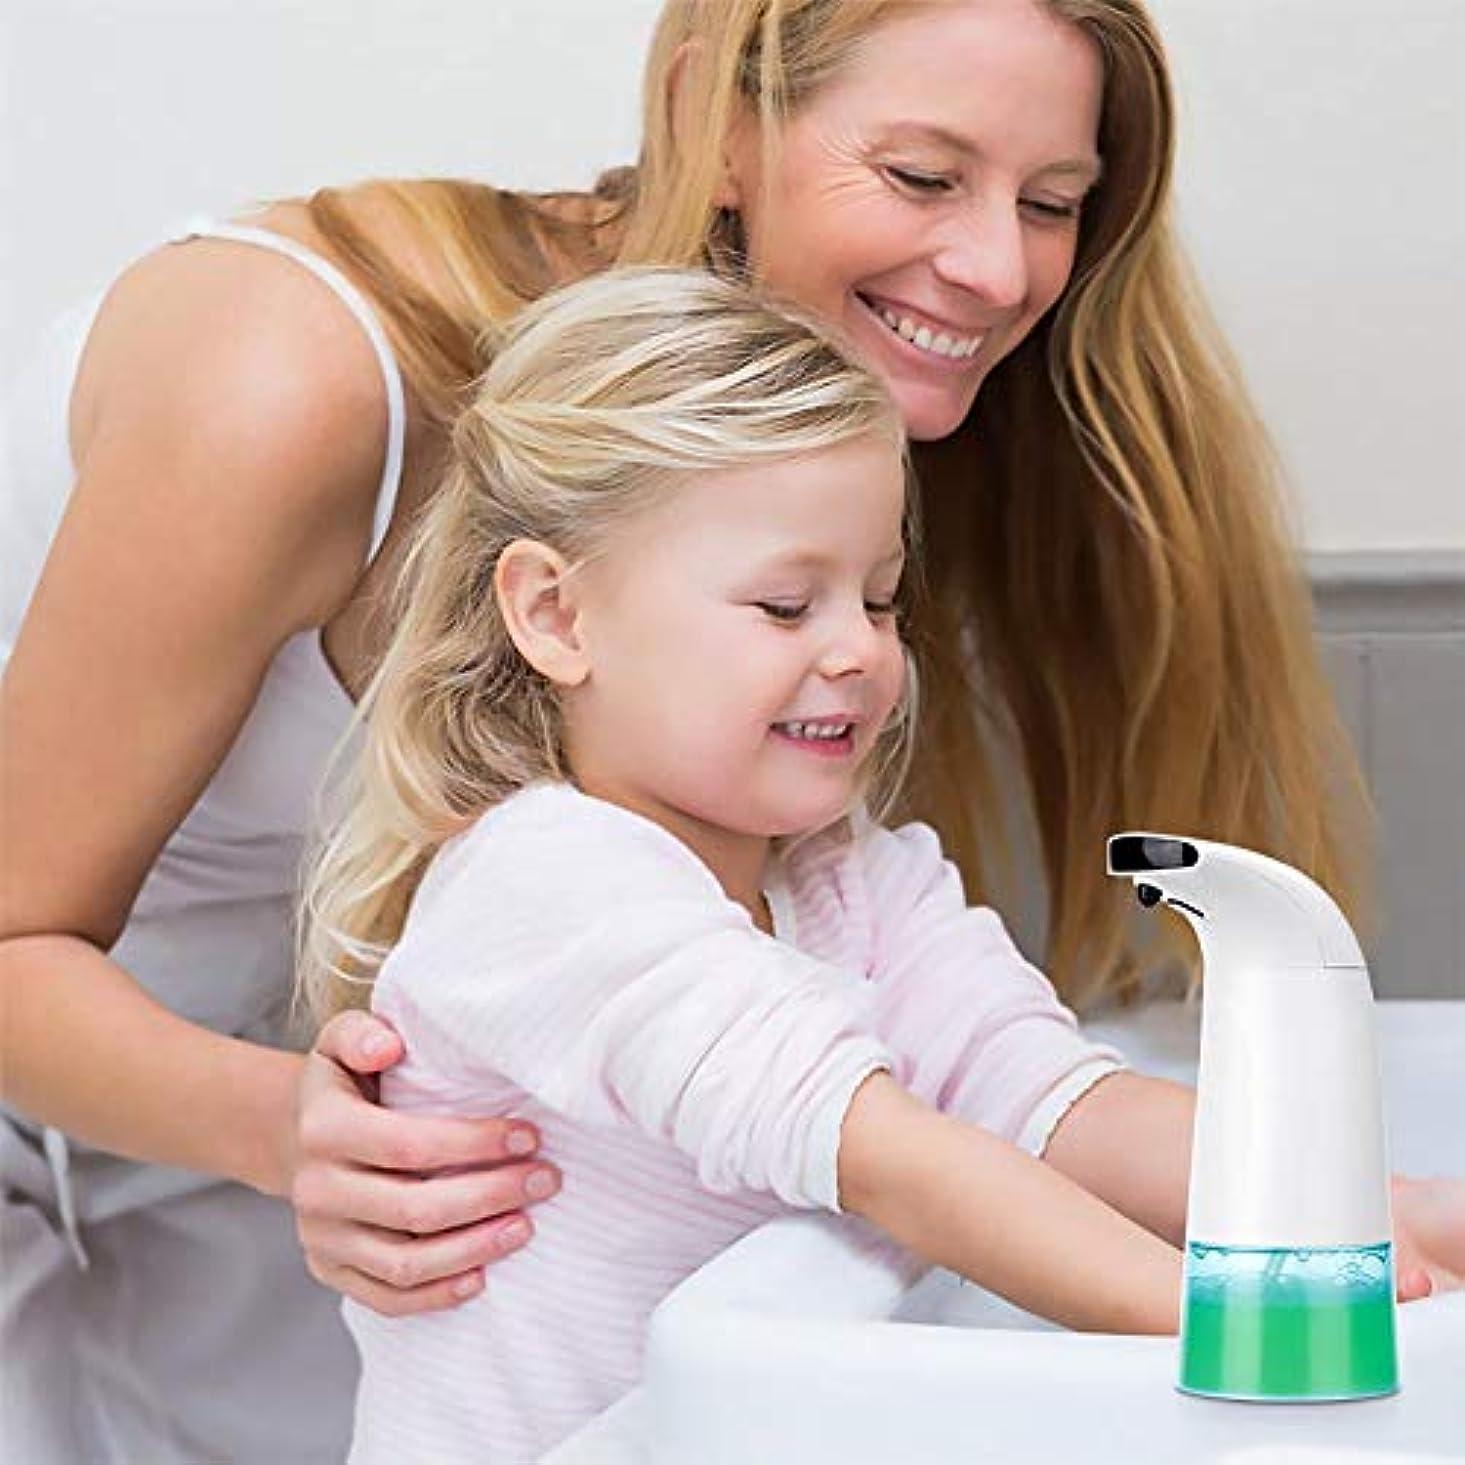 識字わずかなコックミューズ ノータッチスマート赤外線センシング自動泡ハンドソープ 殺菌 消毒 漏れ防止設計 キッチントイレ用